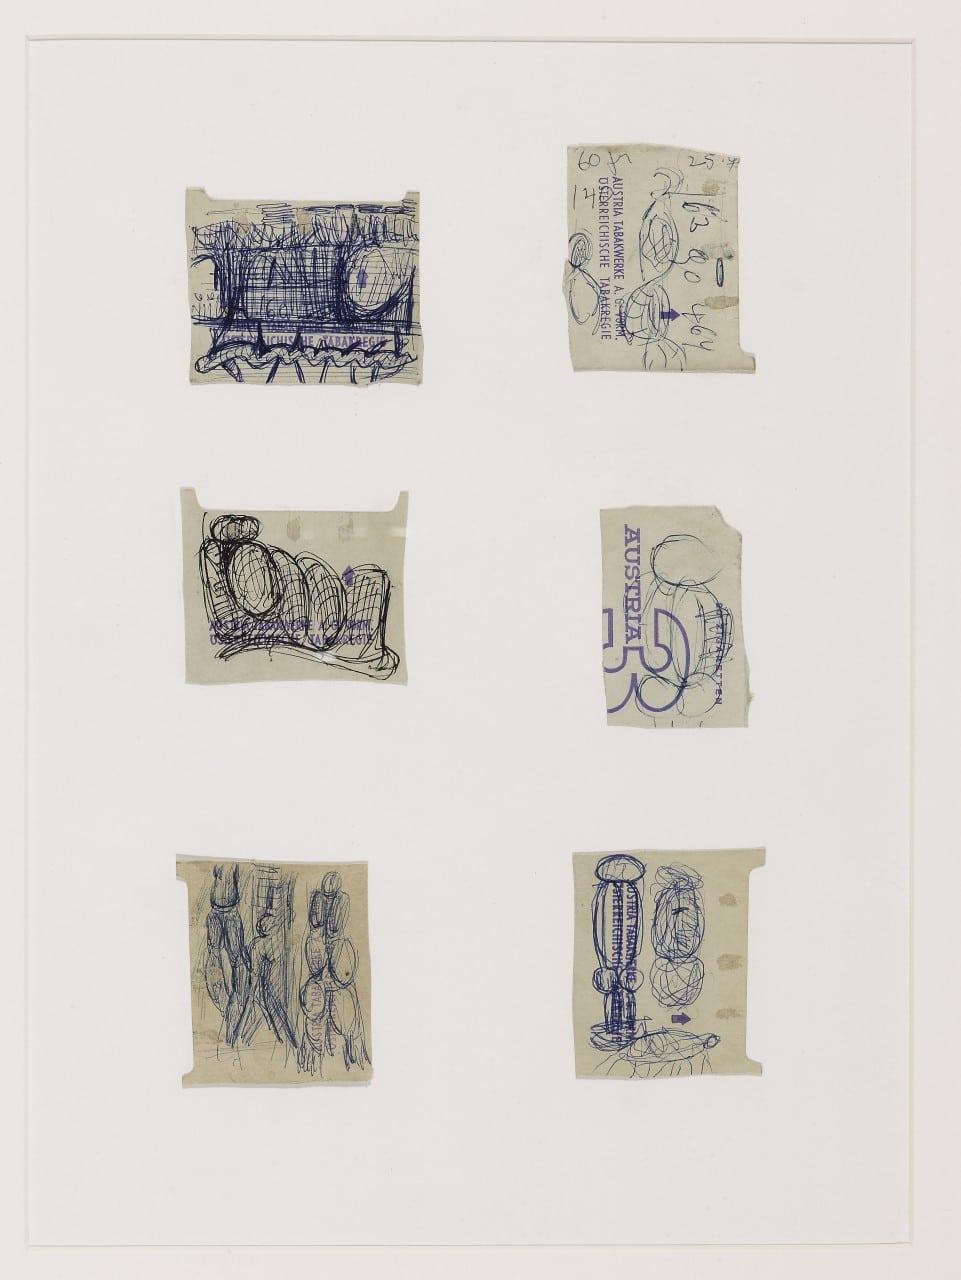 Otto Eder (1924-1982), Sechs Zigarettenschachtelzeichnungen auf Austria 3 Papier, 42x30cm,(Einzelblatt 6x6)